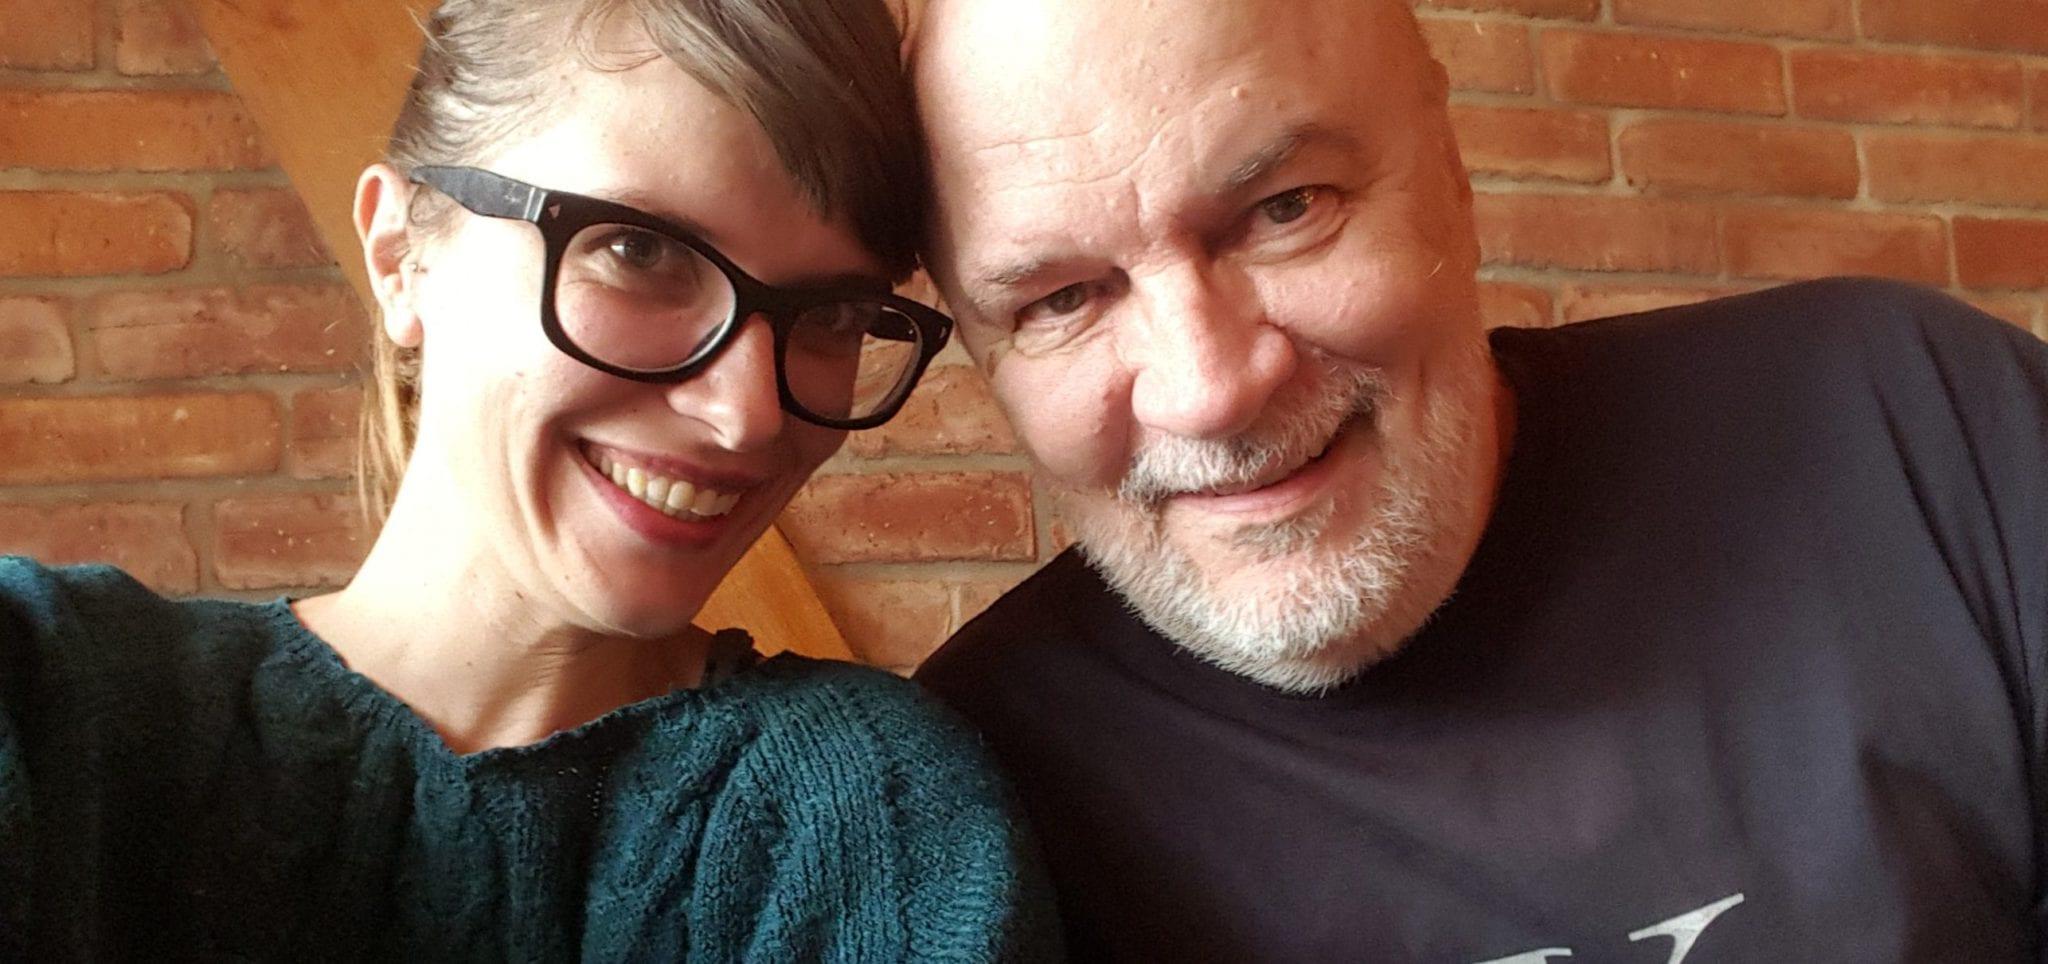 My daughter Tina and me